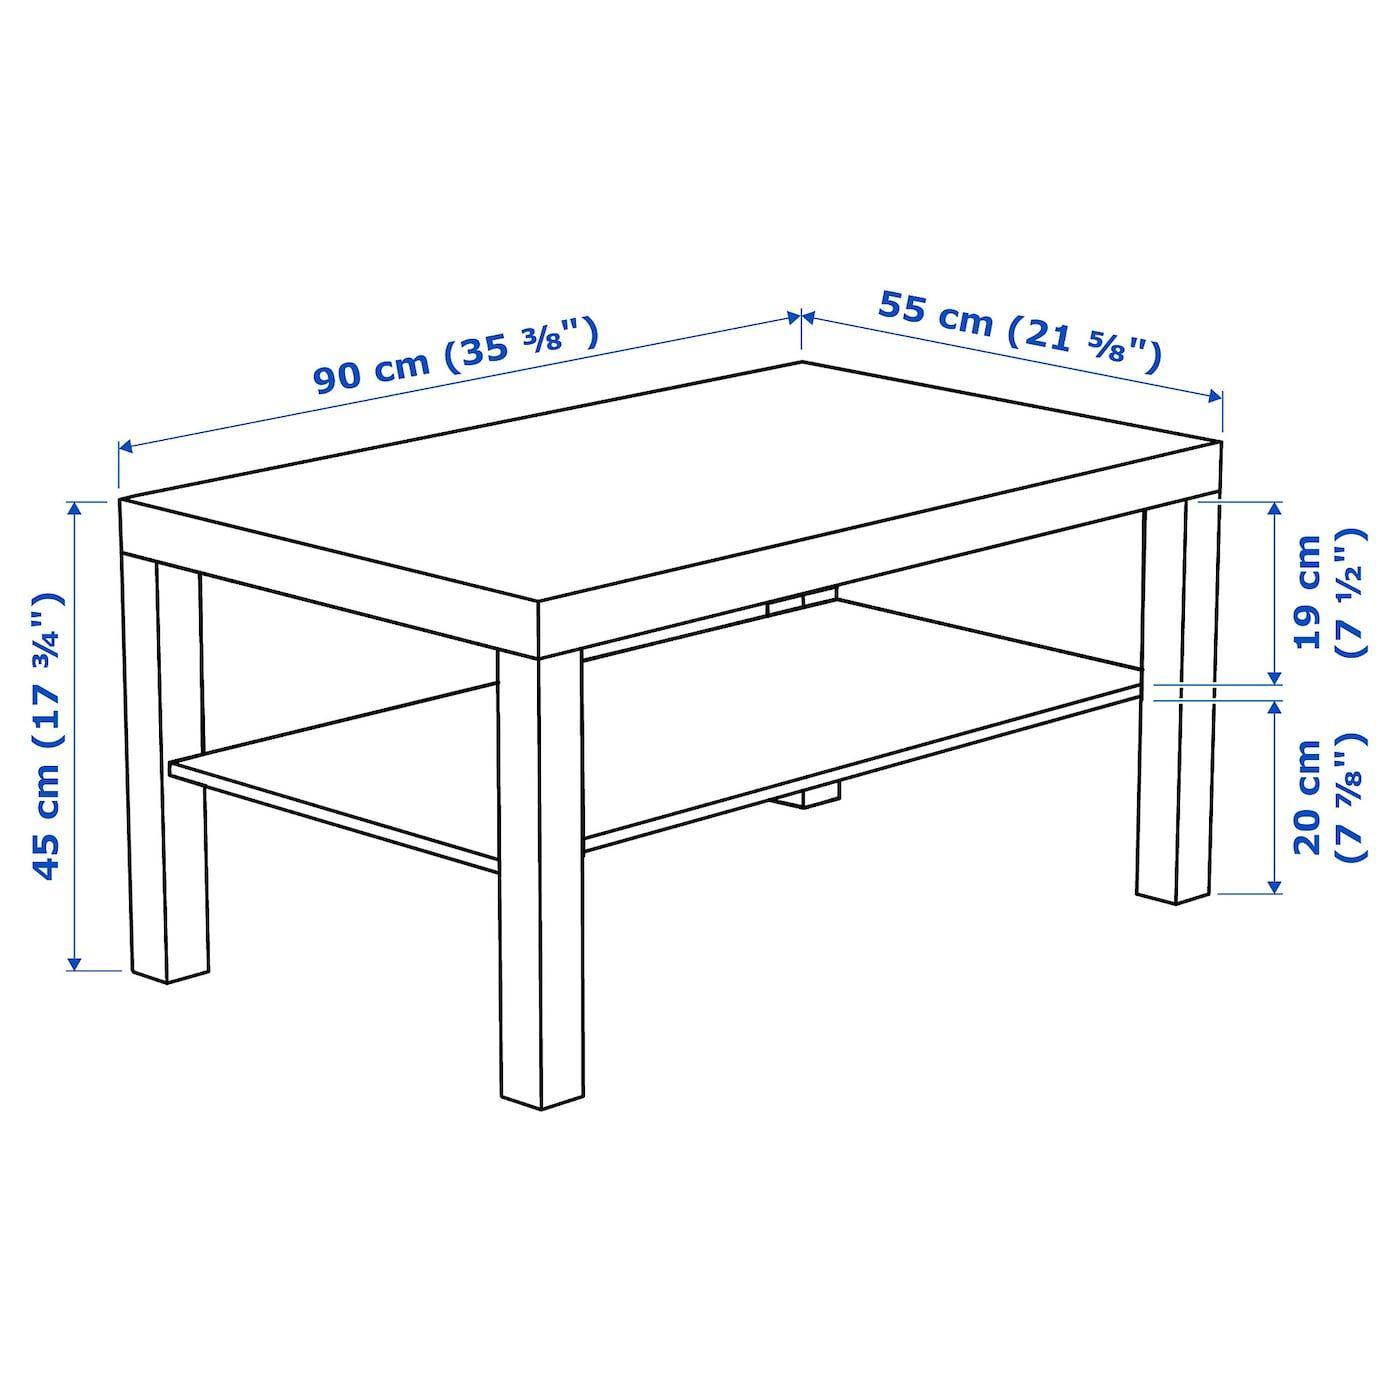 Lack White Coffee Table 90x55 Cm Ikea Ikea Mangel Couchtisch Weiss Ikea Beistelltisch [ 1400 x 1400 Pixel ]